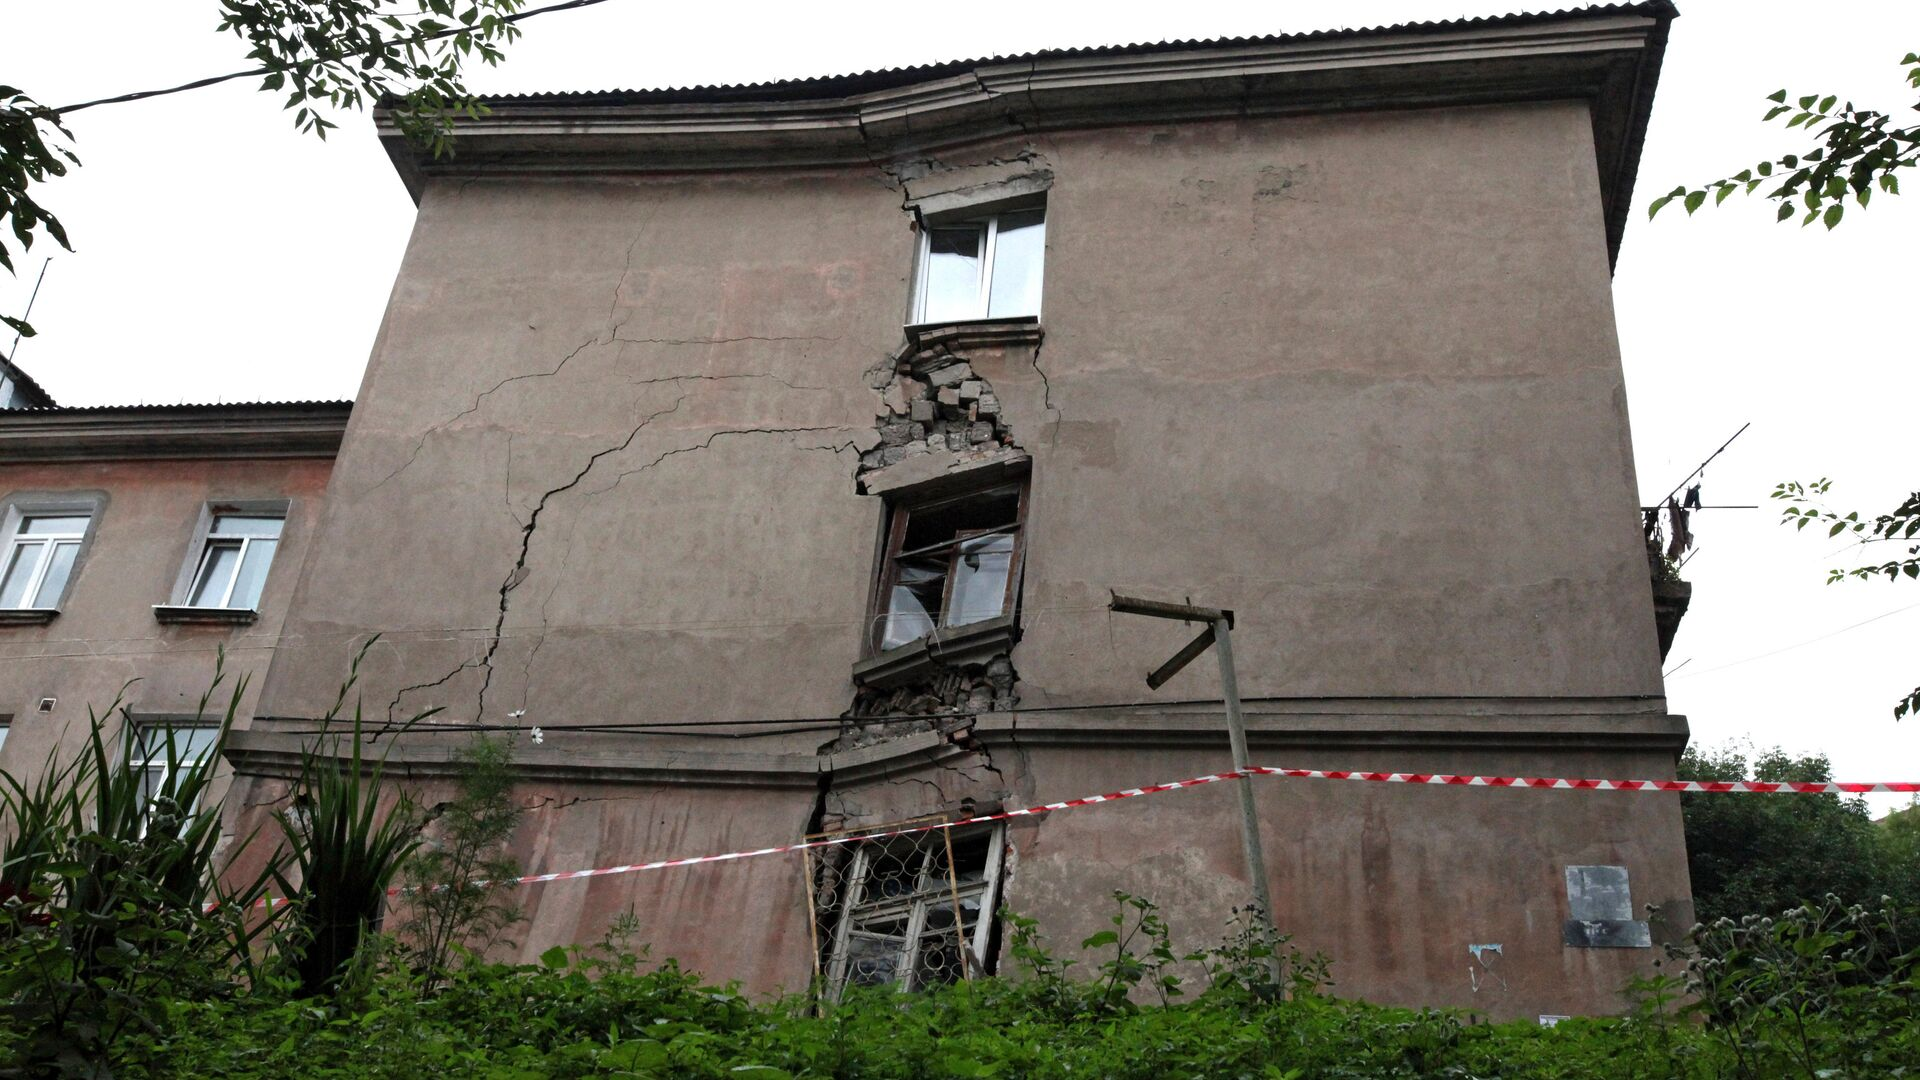 Аварийный жилой дом - РИА Новости, 1920, 05.08.2021